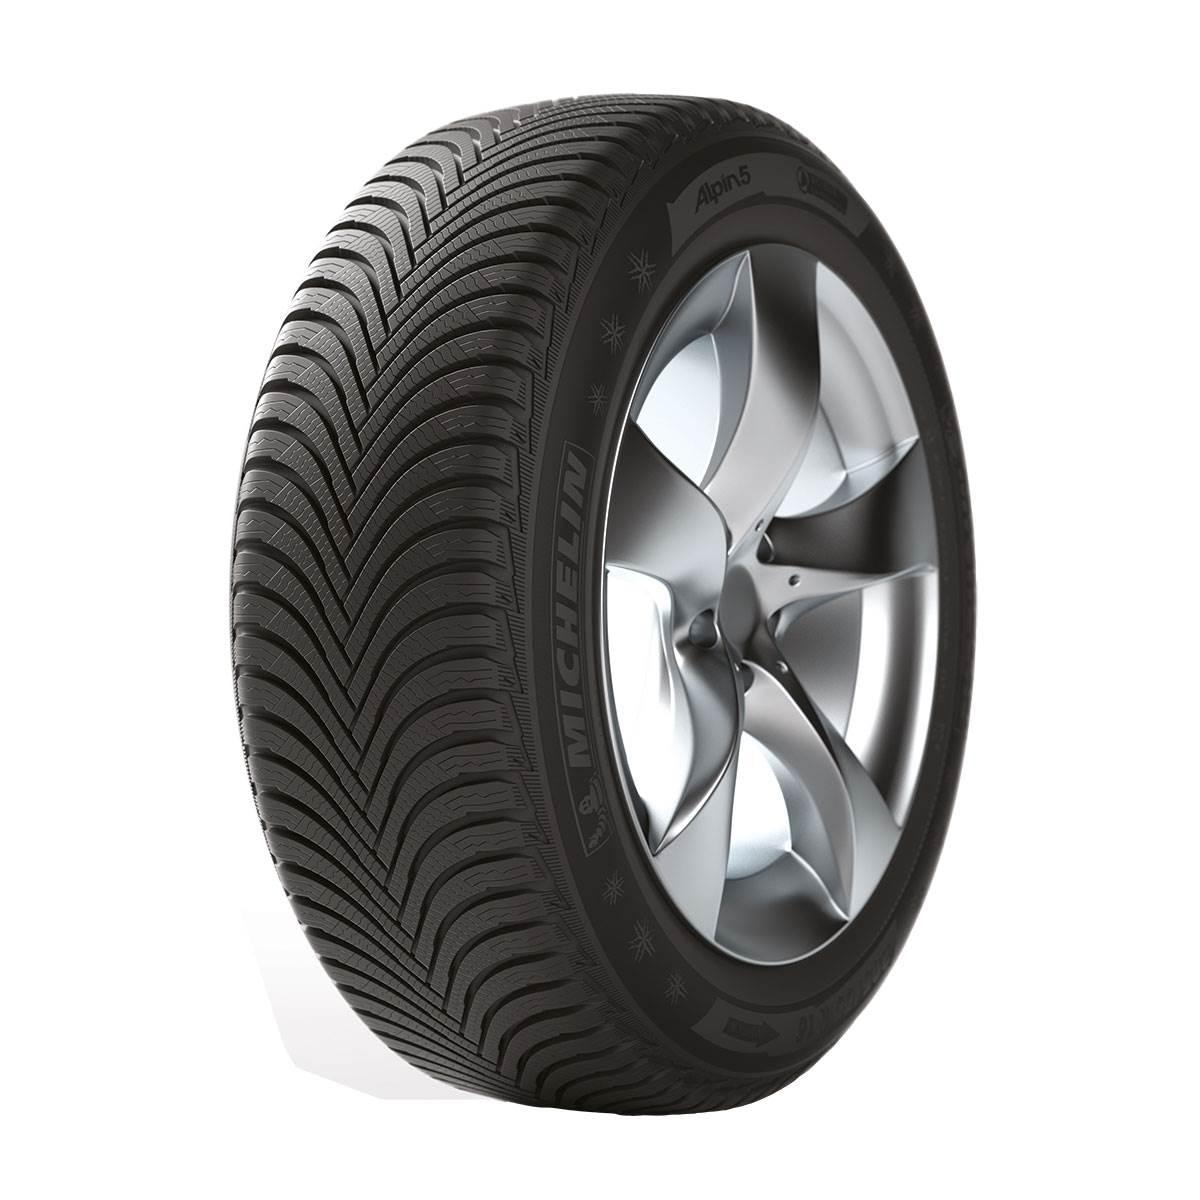 Pneu Runflat Hiver Michelin 205/55R16 91H Alpin A5